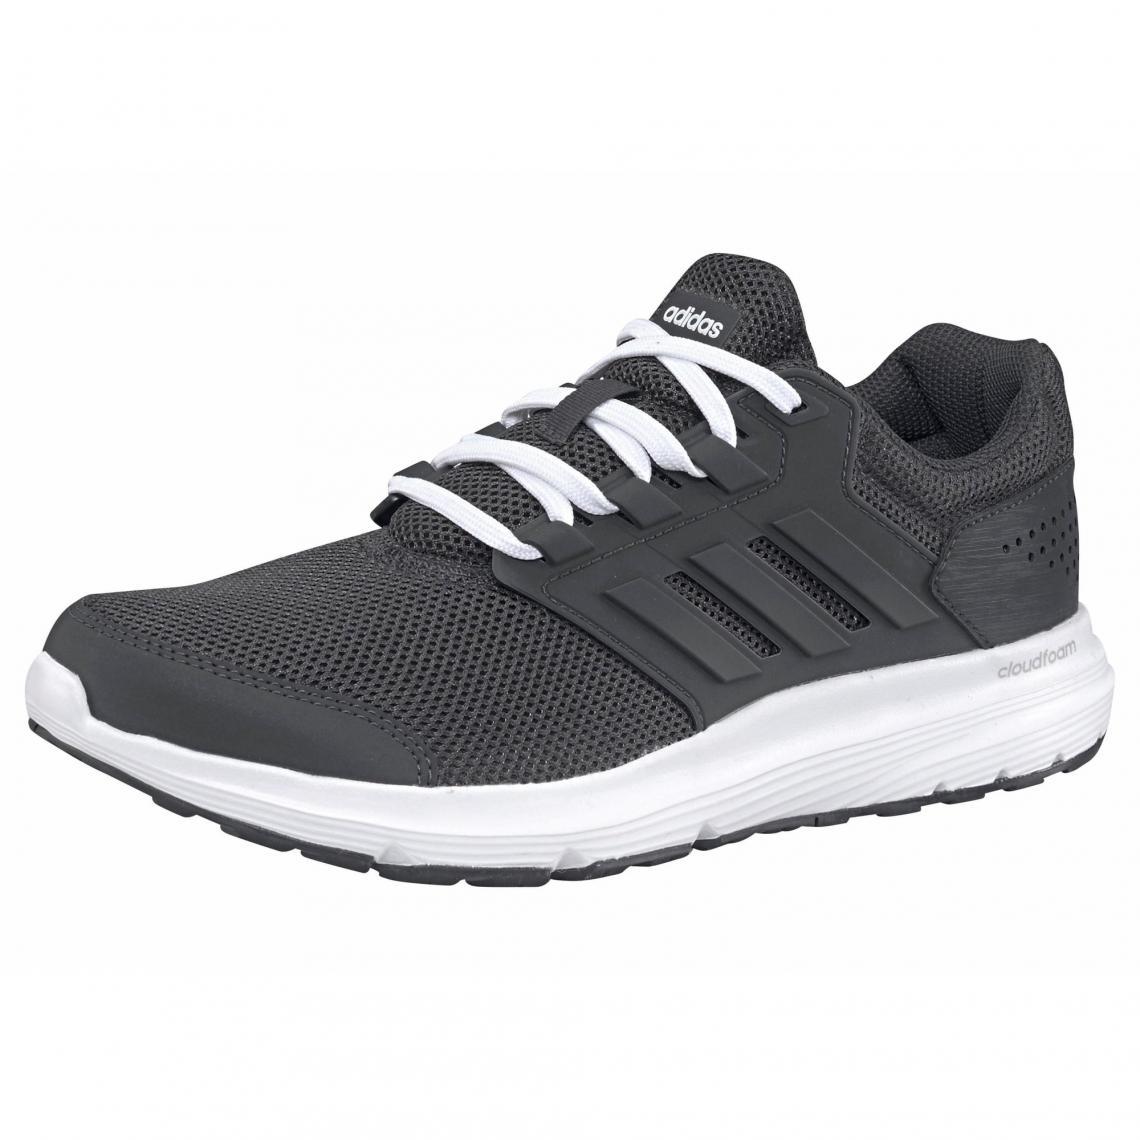 07aabb3fe1e41 adidas Performance Galaxy 4 chaussures de running femme - Noir - Blanc Adidas  Homme